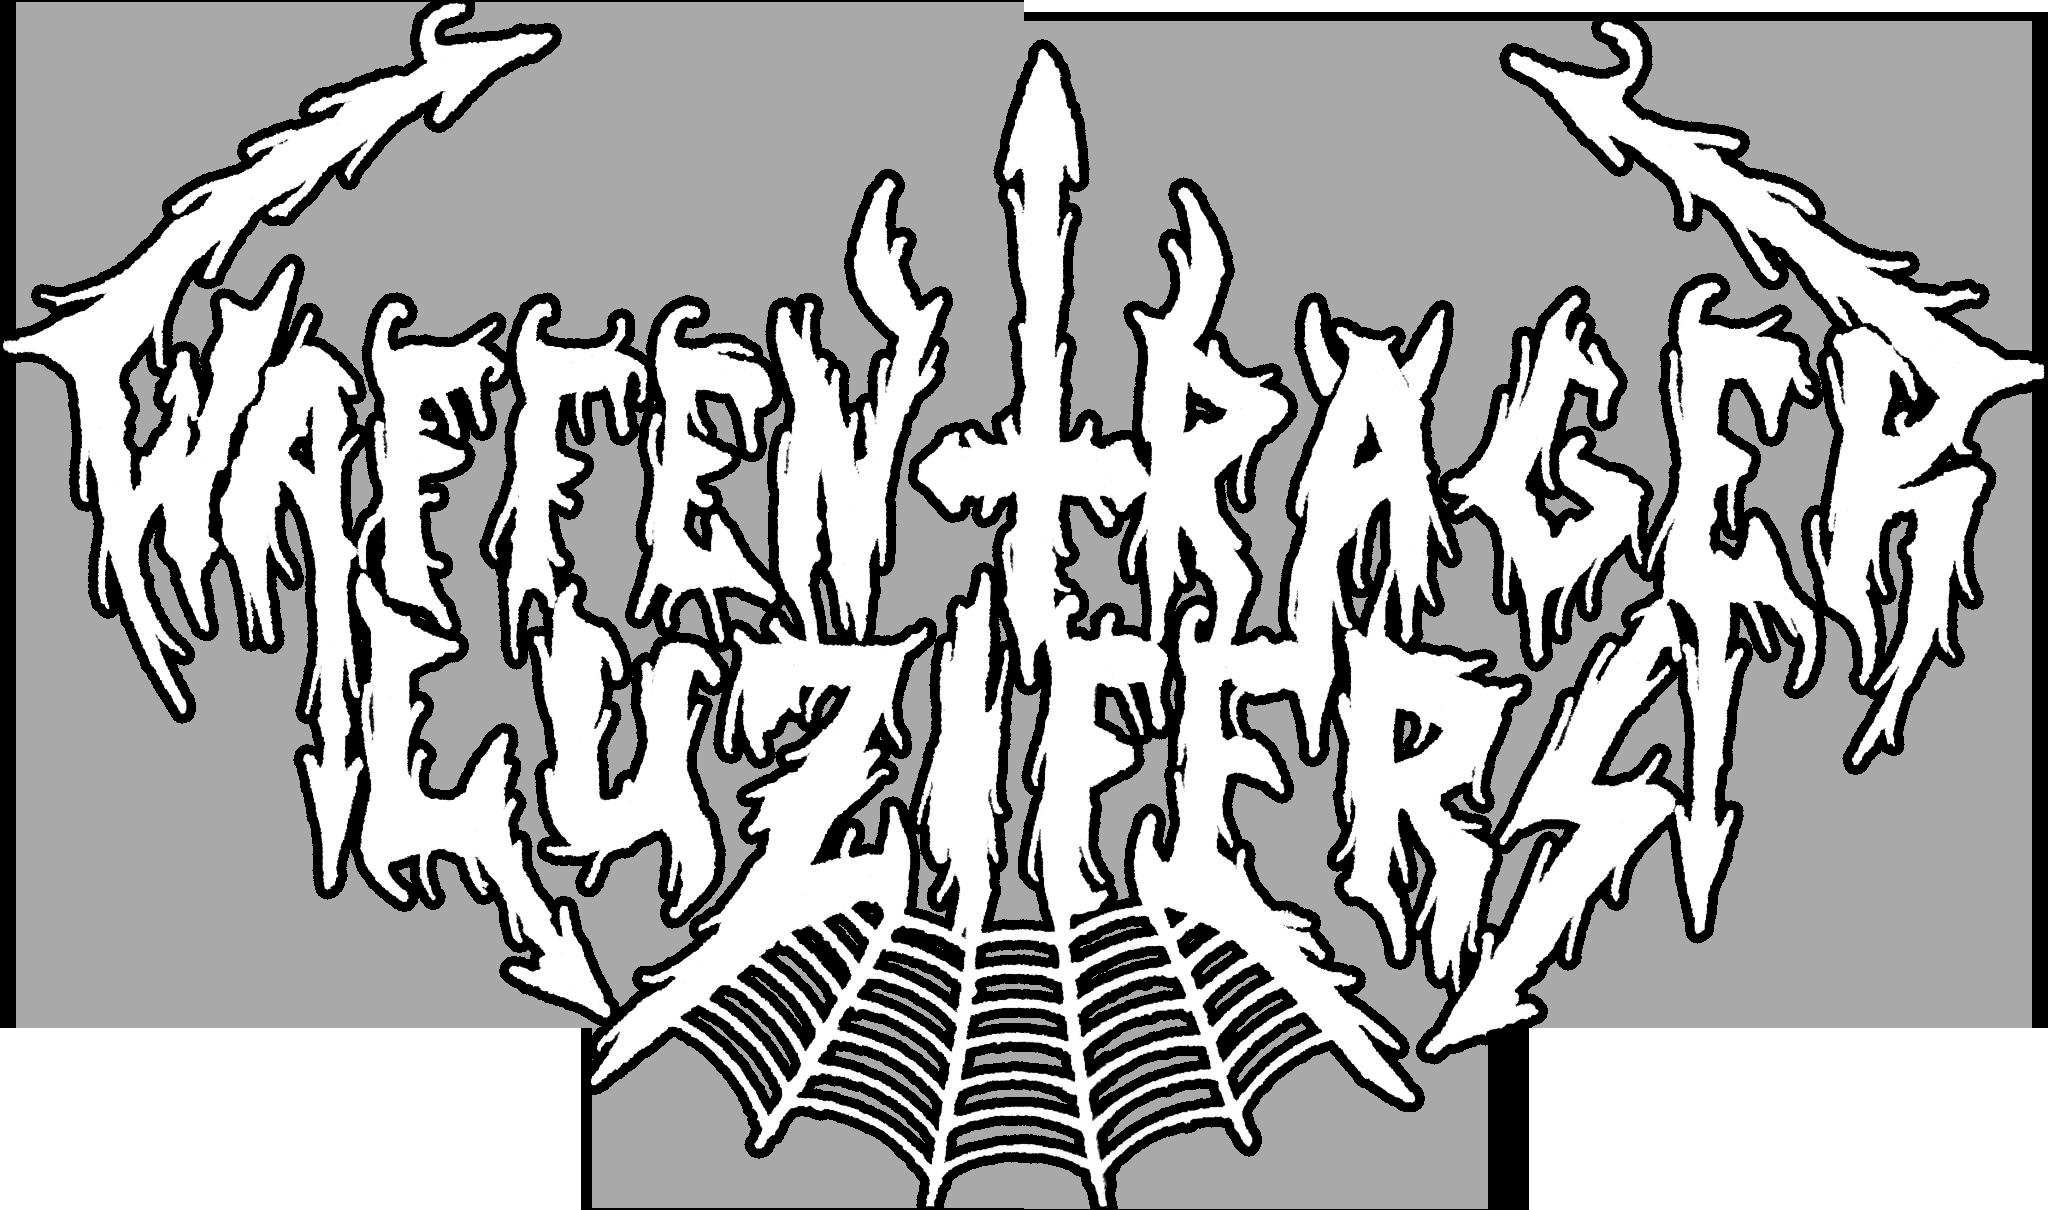 Waffenträger Luzifers (Band)